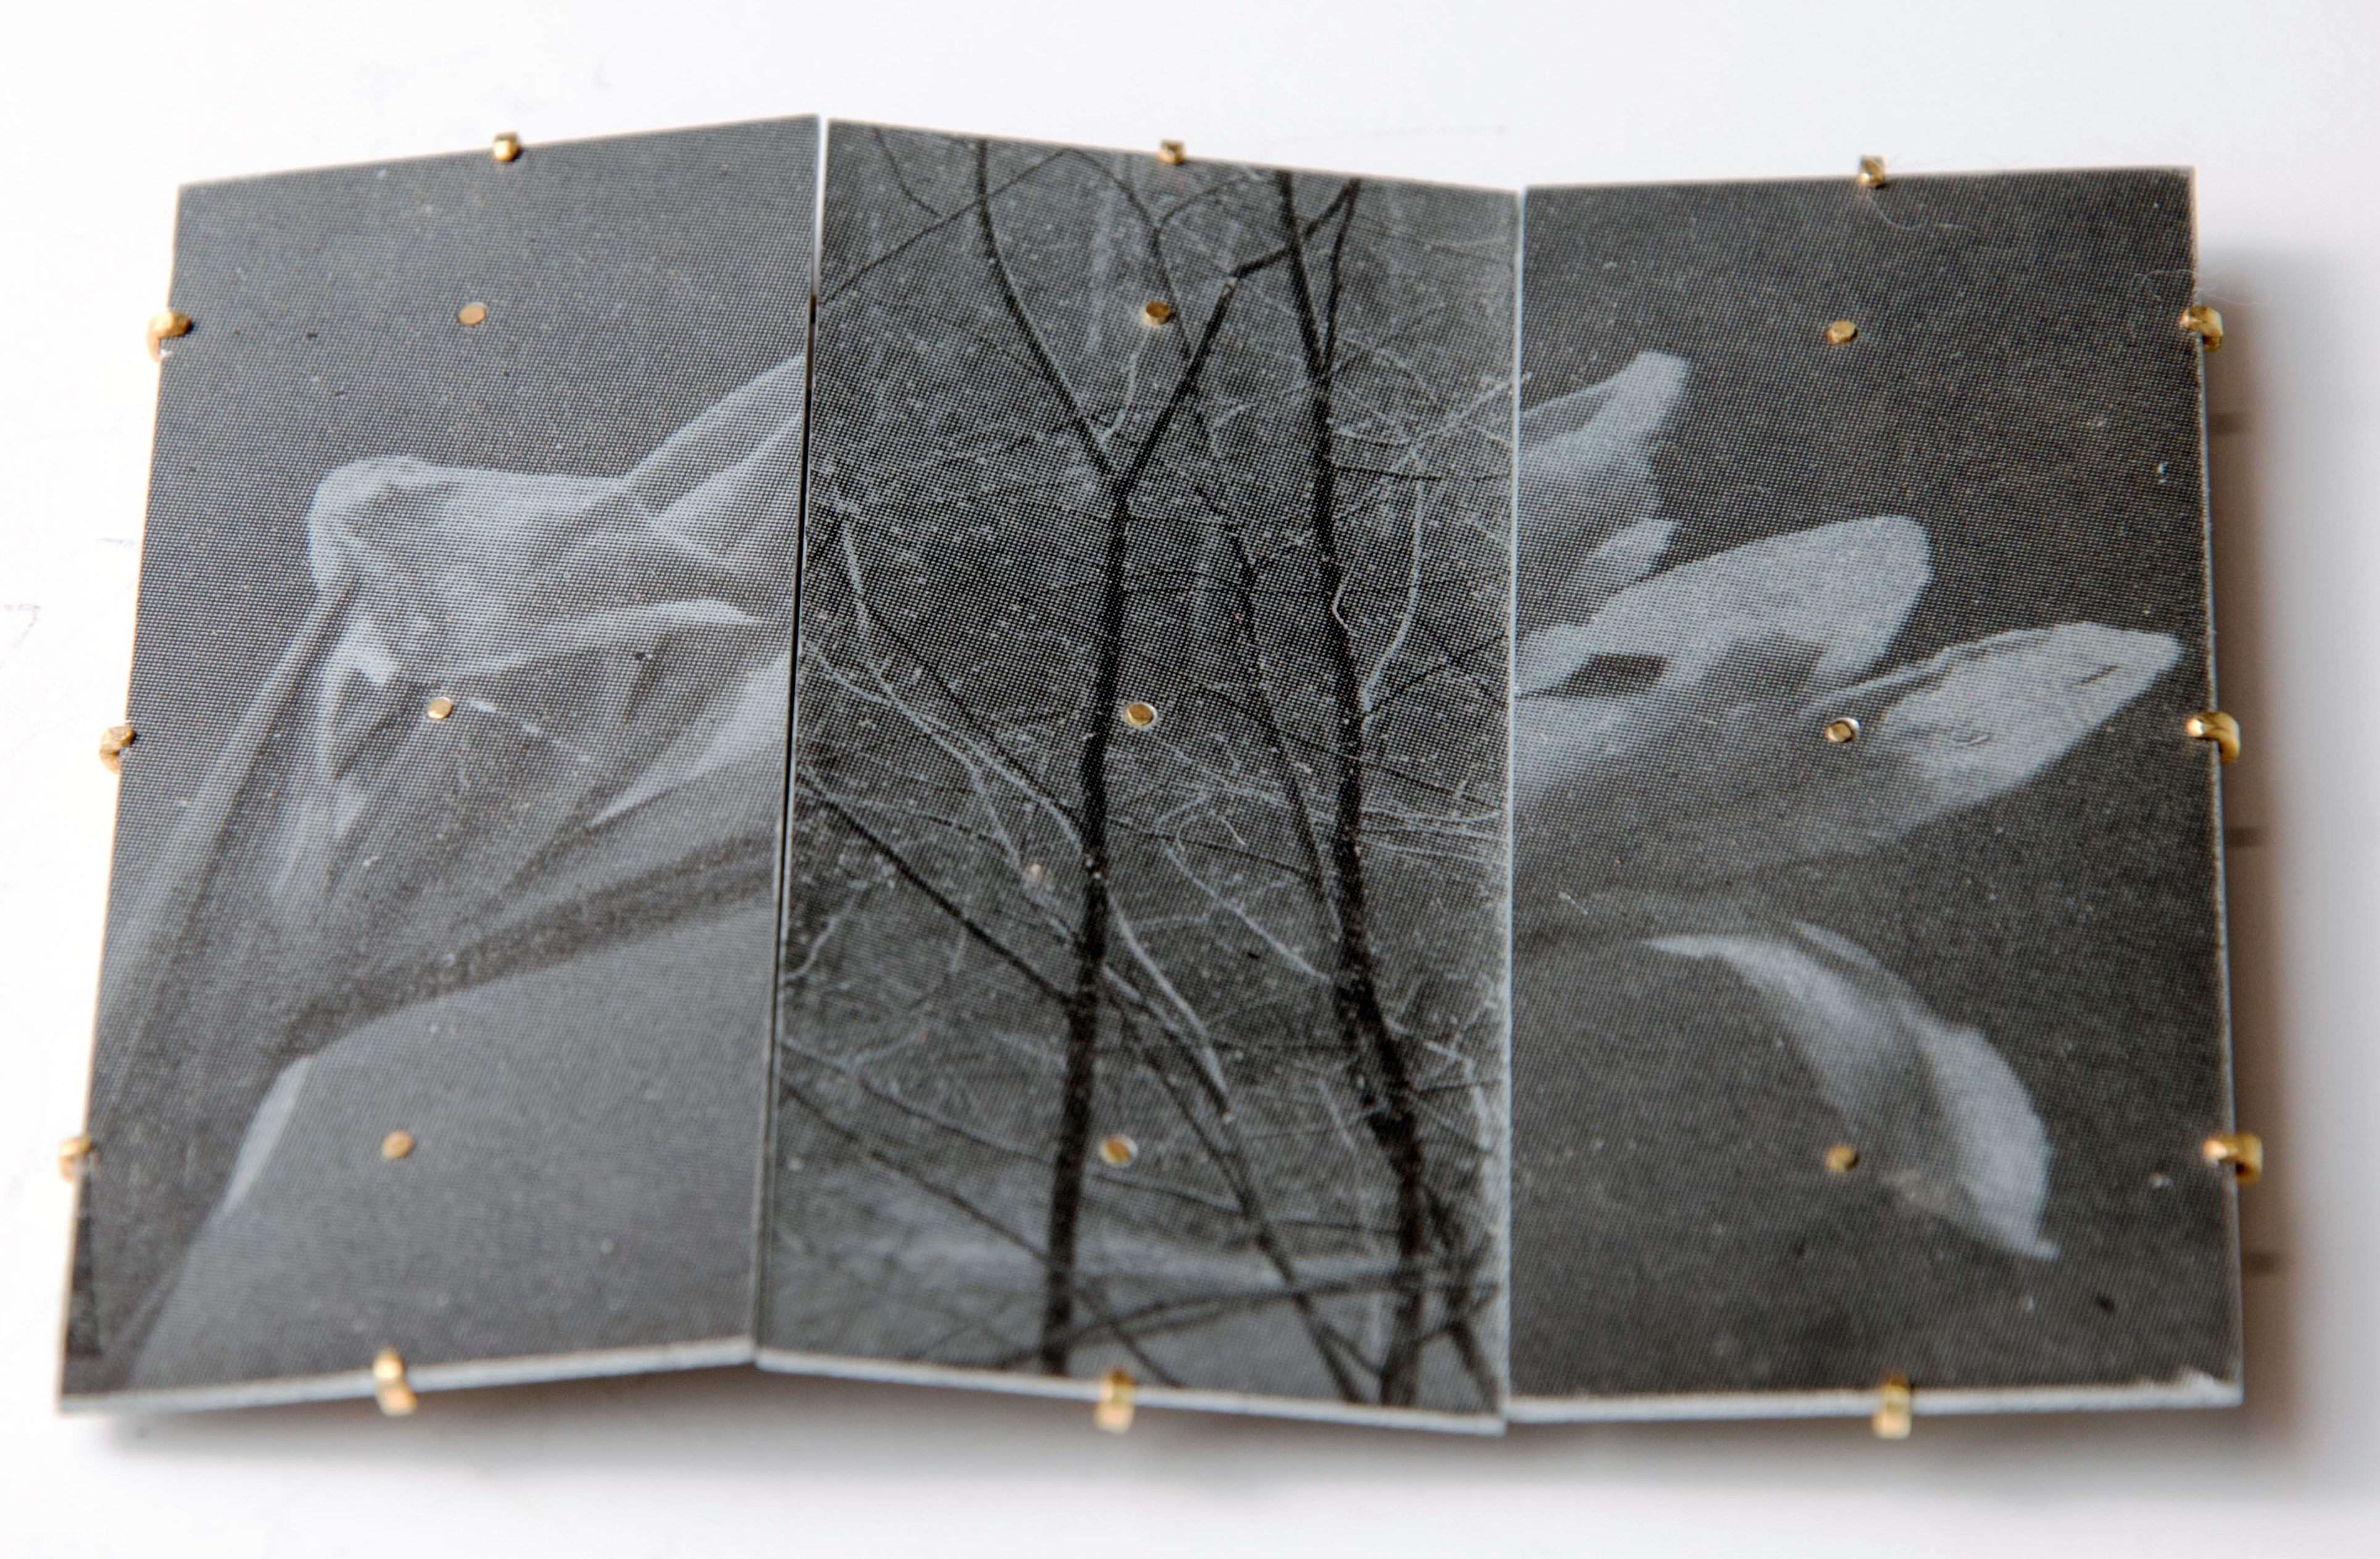 Bettina Speckner, broche, 2005. Collectie CODA, C004821. Foto met dank aan CODA©